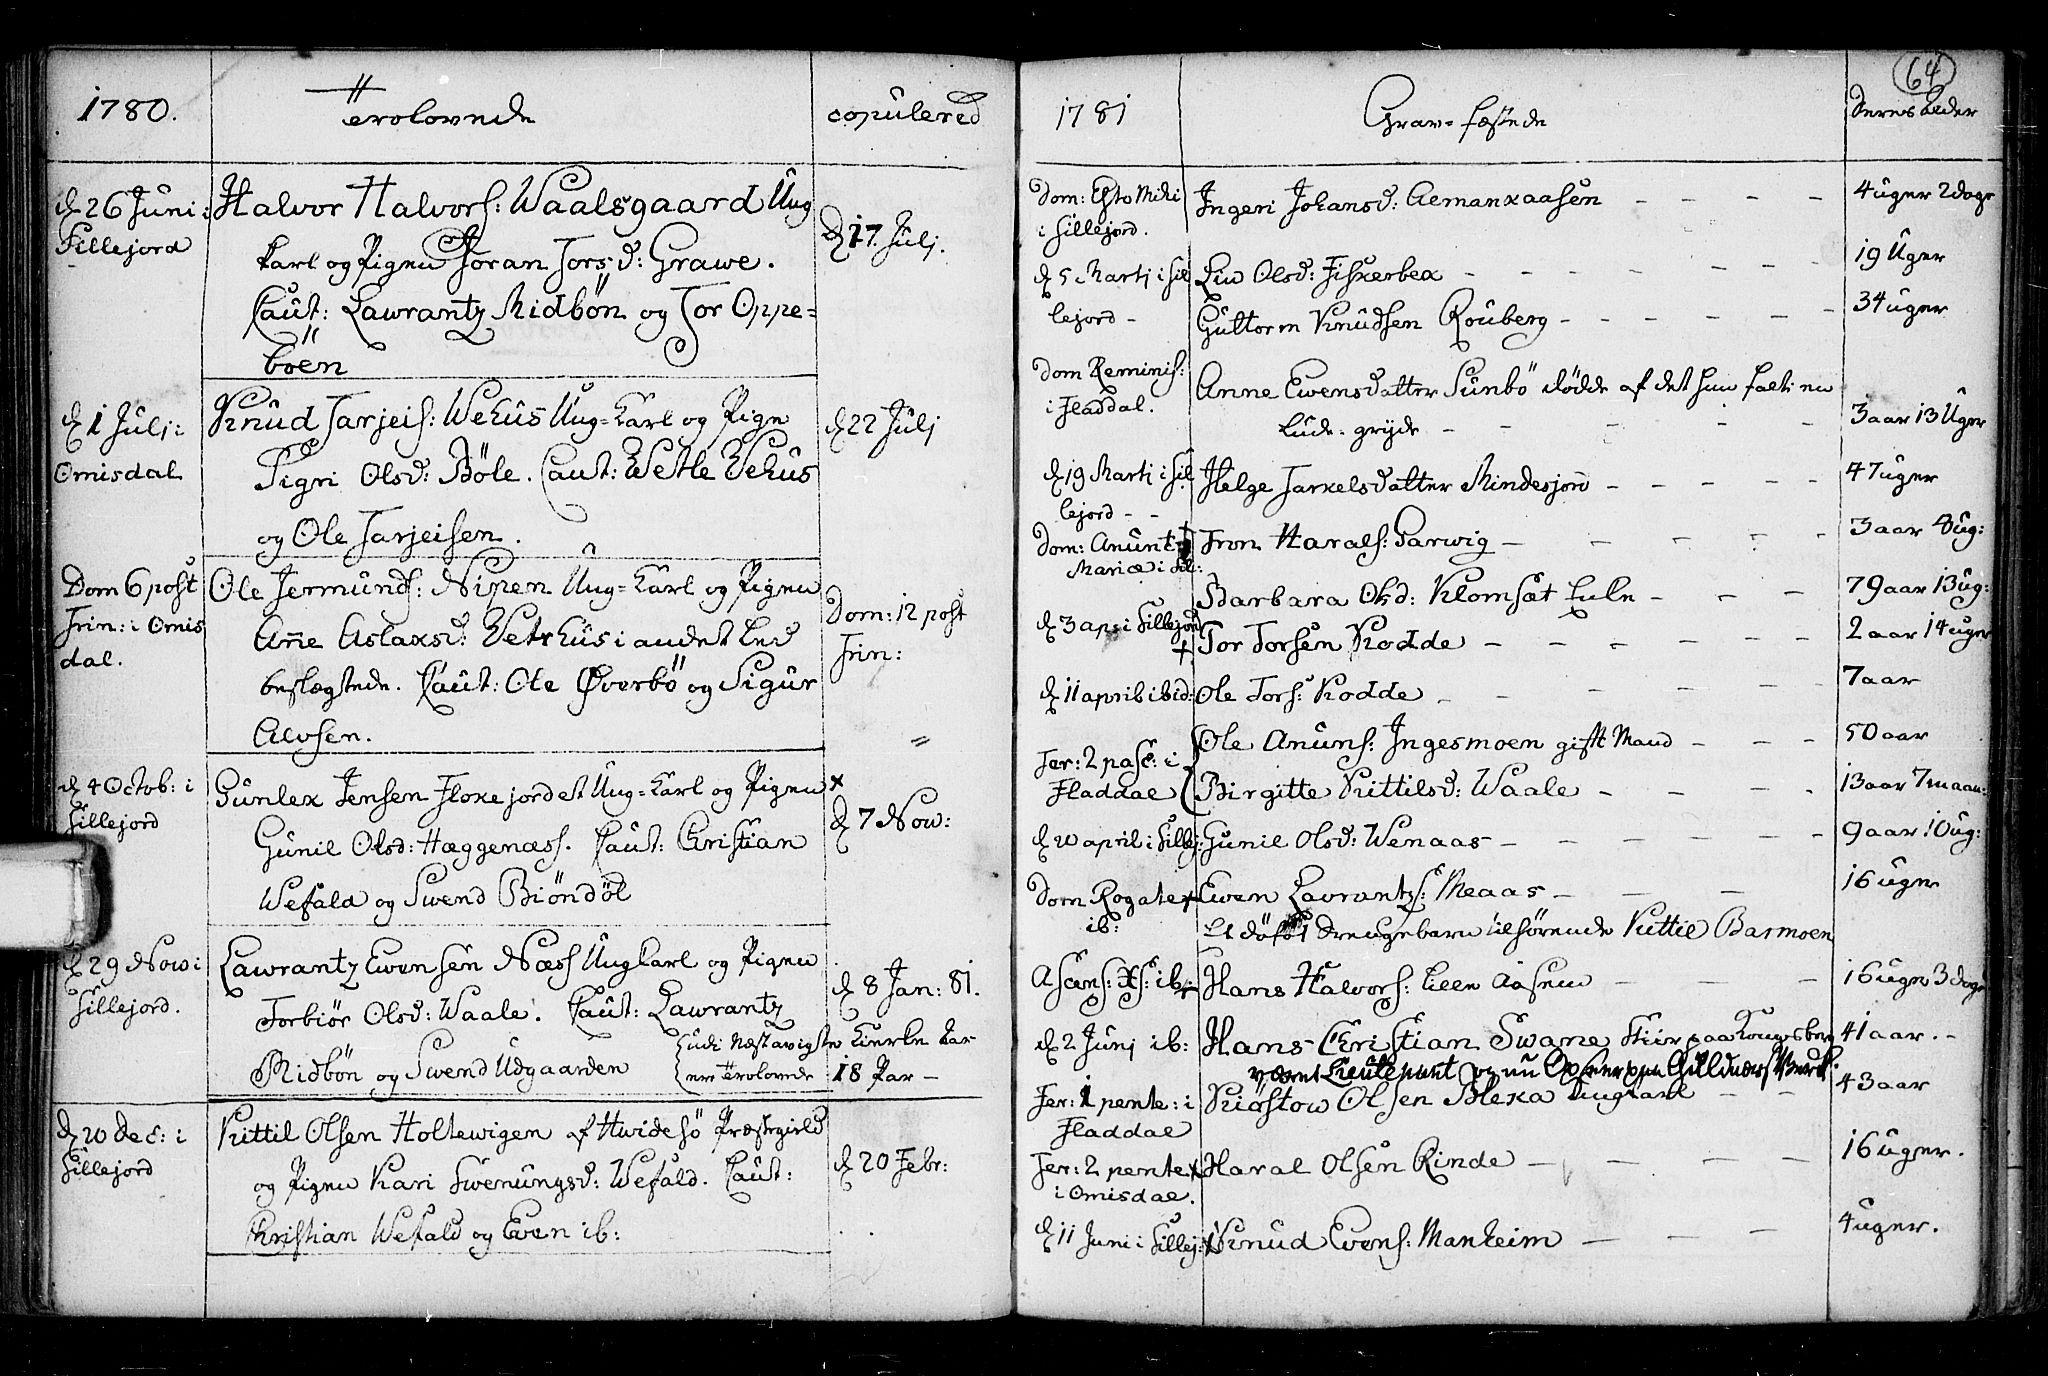 SAKO, Seljord kirkebøker, F/Fa/L0008: Ministerialbok nr. I 8, 1755-1814, s. 64